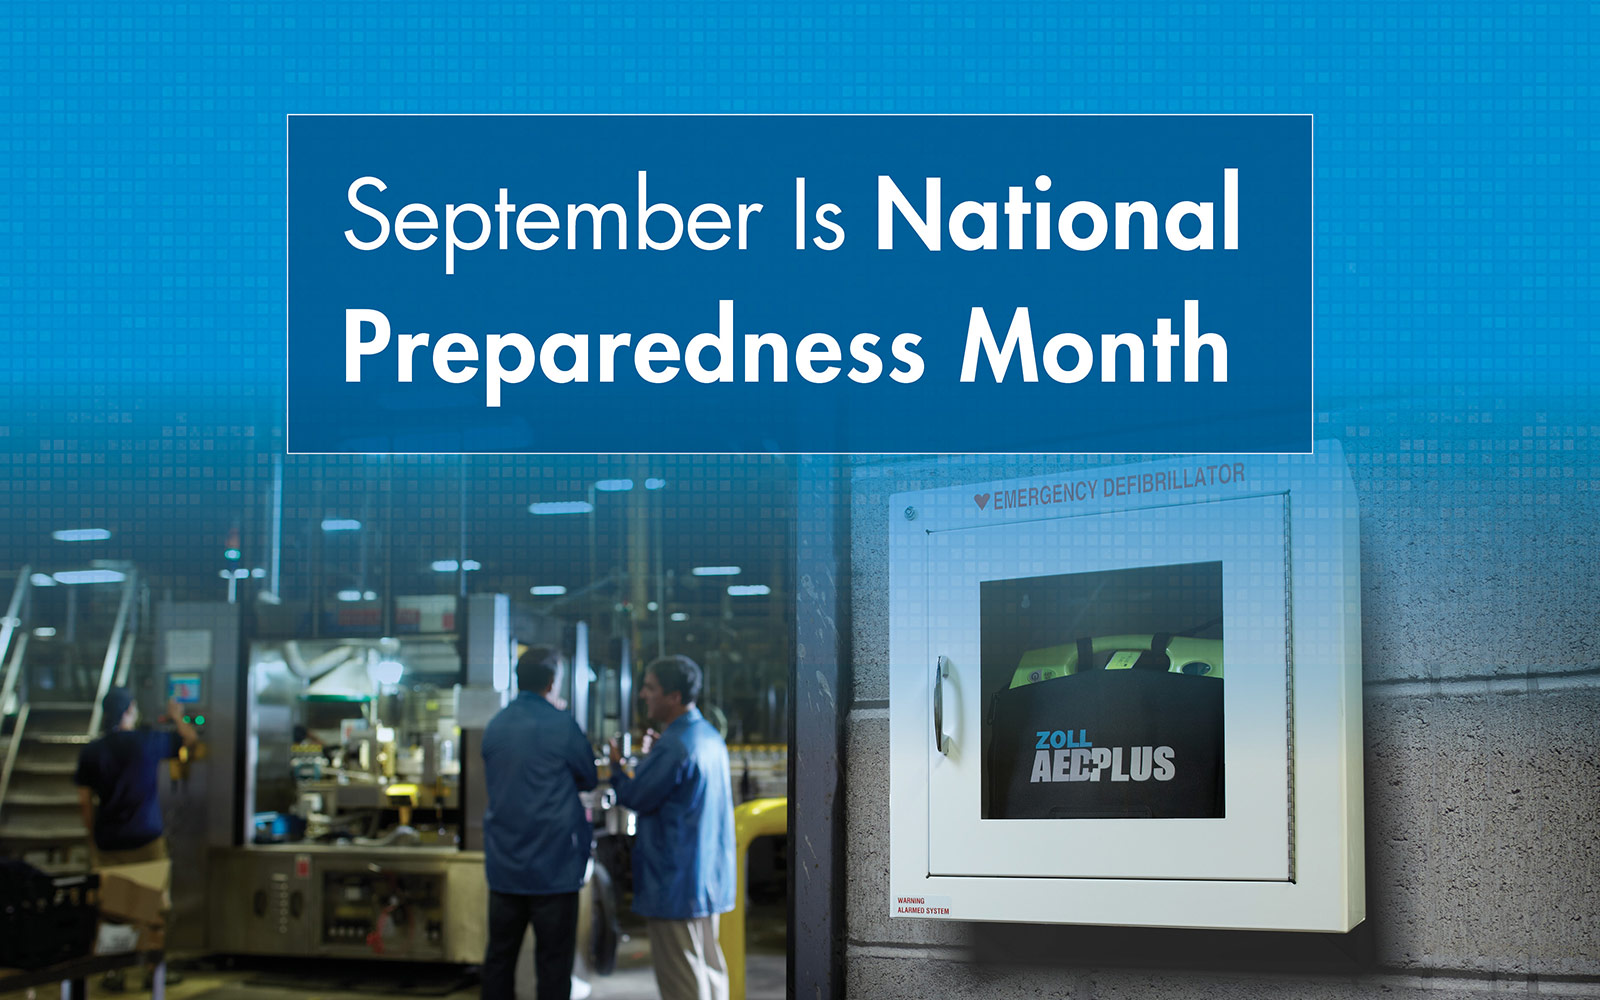 September is National Preparedness Month